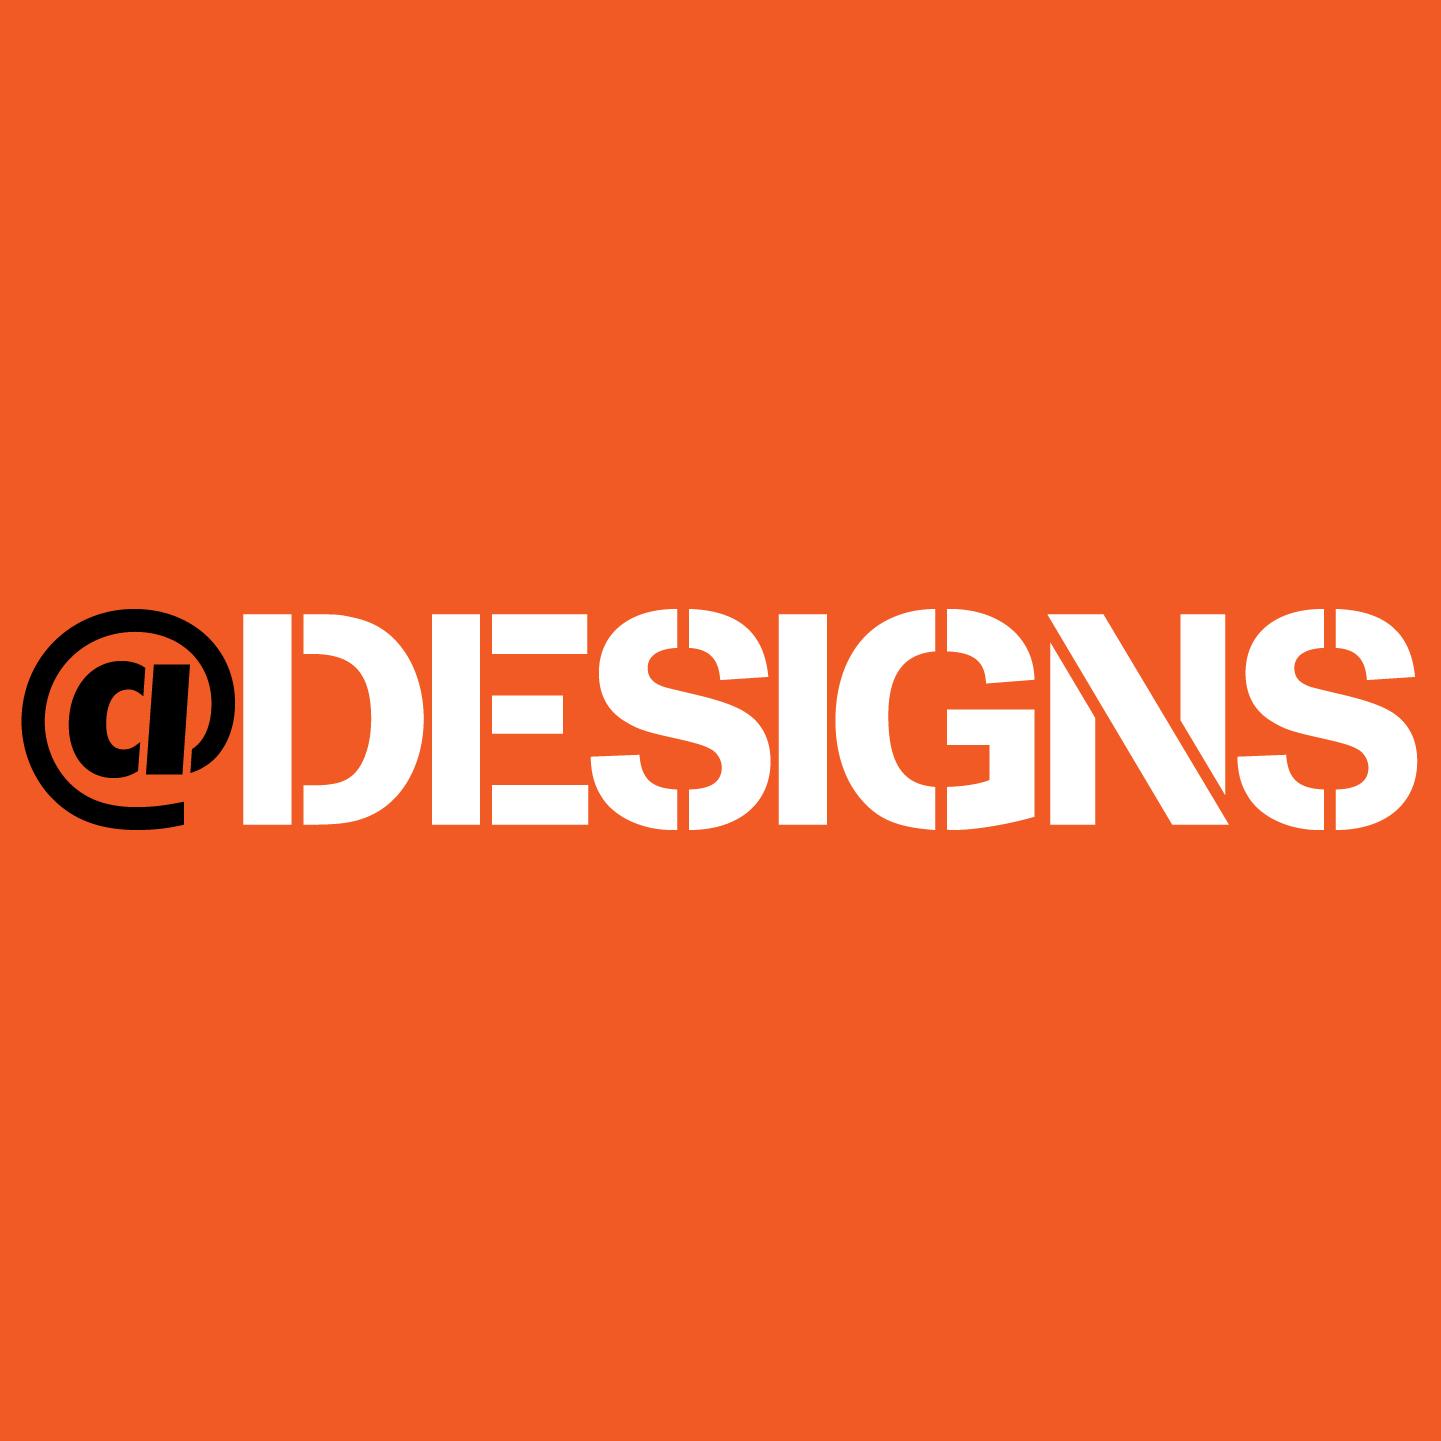 (c) Atdesigns.com.br